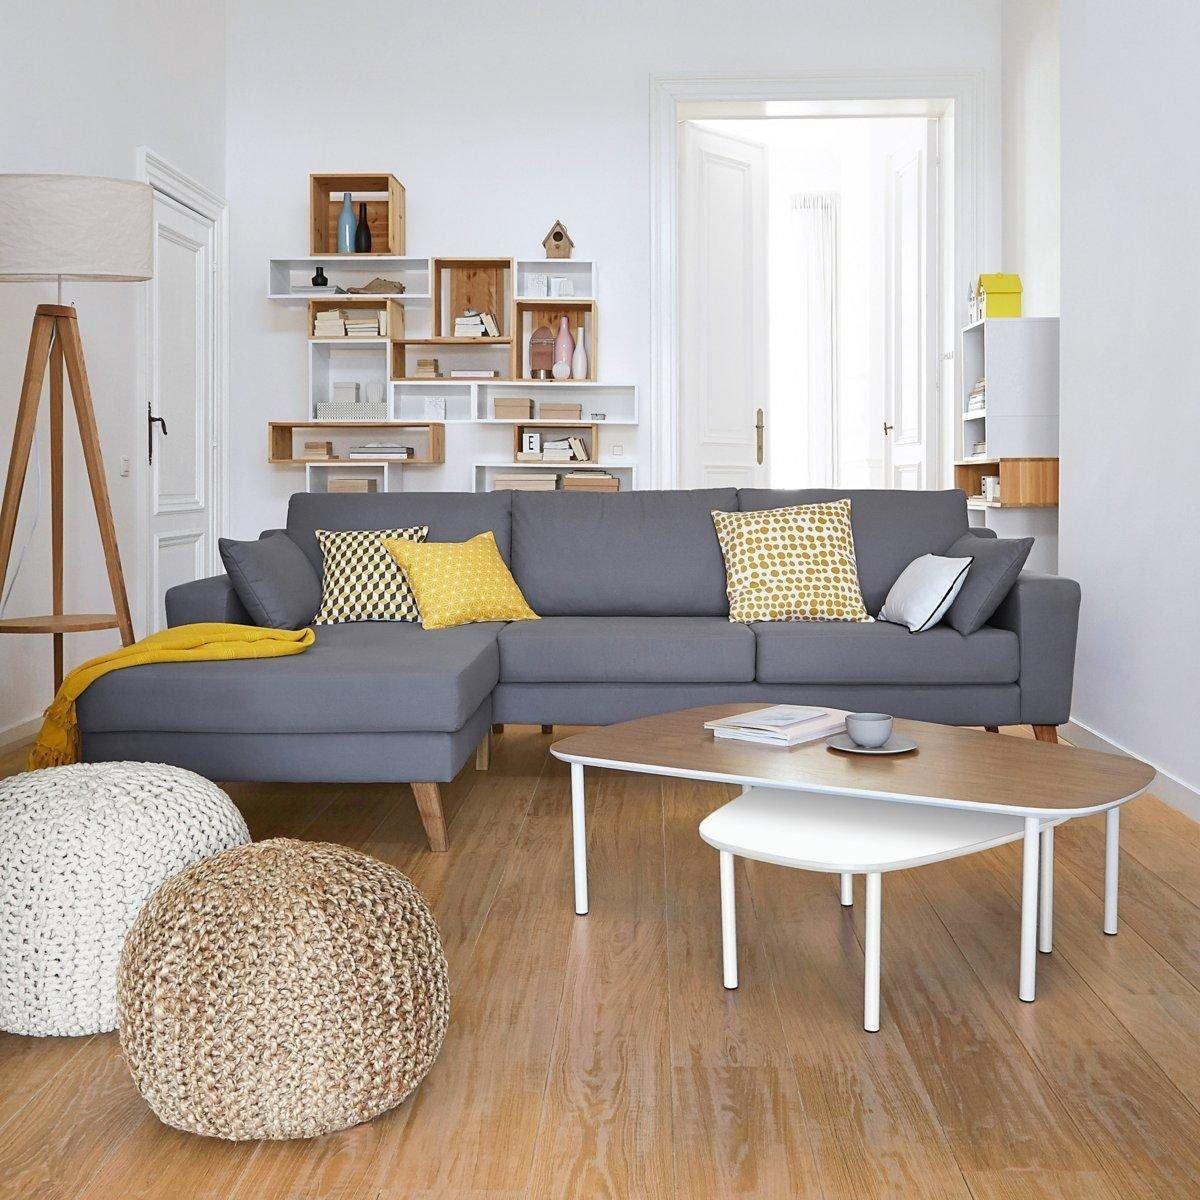 Salon Scandinave Blanc,Gris,Jaune Bois,Parquet,Textile